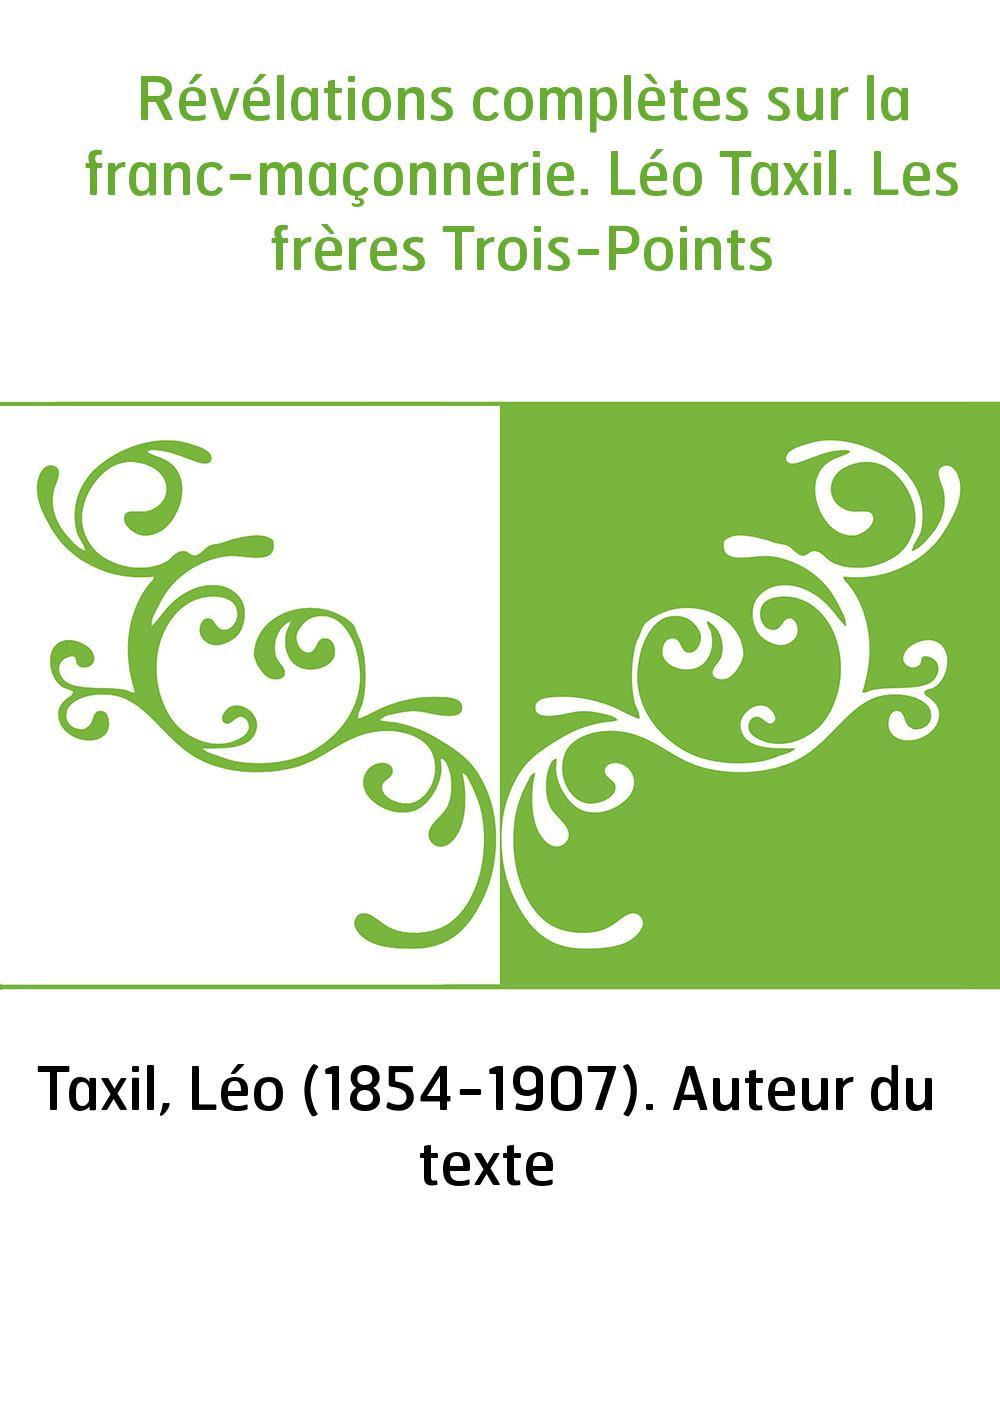 Révélations complètes sur la franc-maçonnerie. Léo Taxil. Les frères Trois-Points